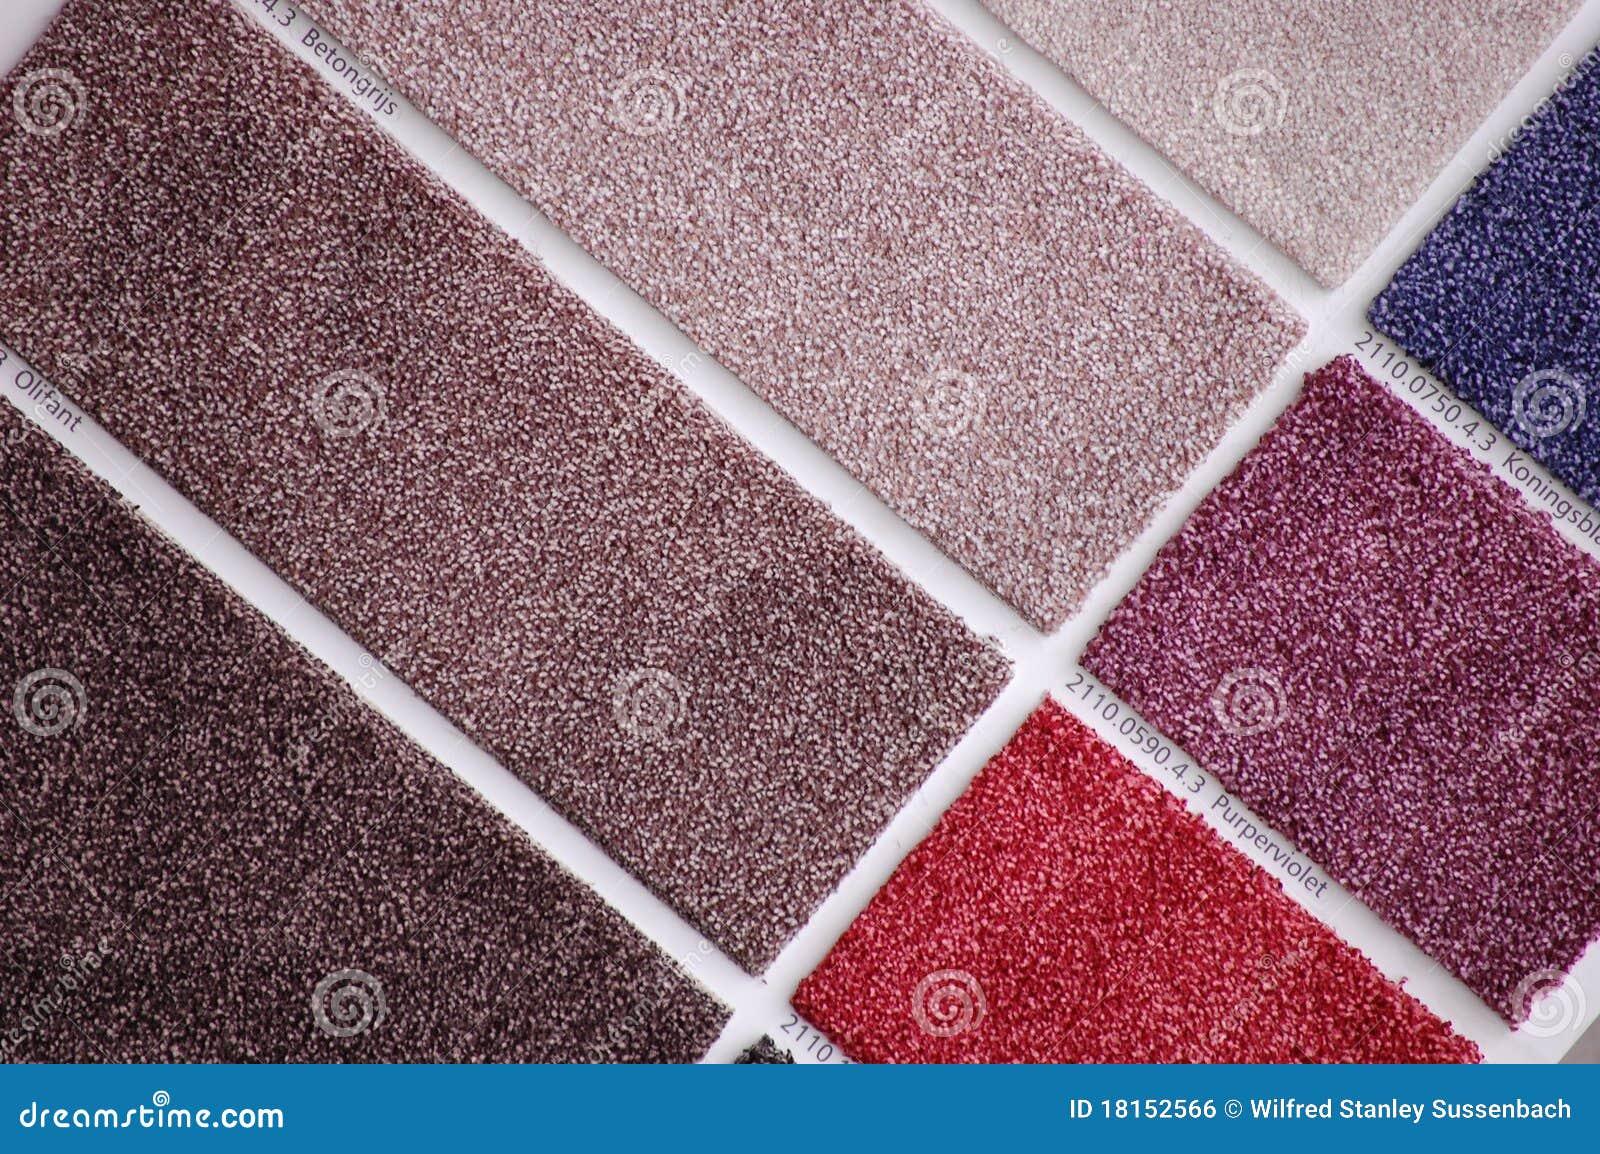 Fußboden Farbe ~ Teppichproben für den fußboden stockfoto bild von teppiche